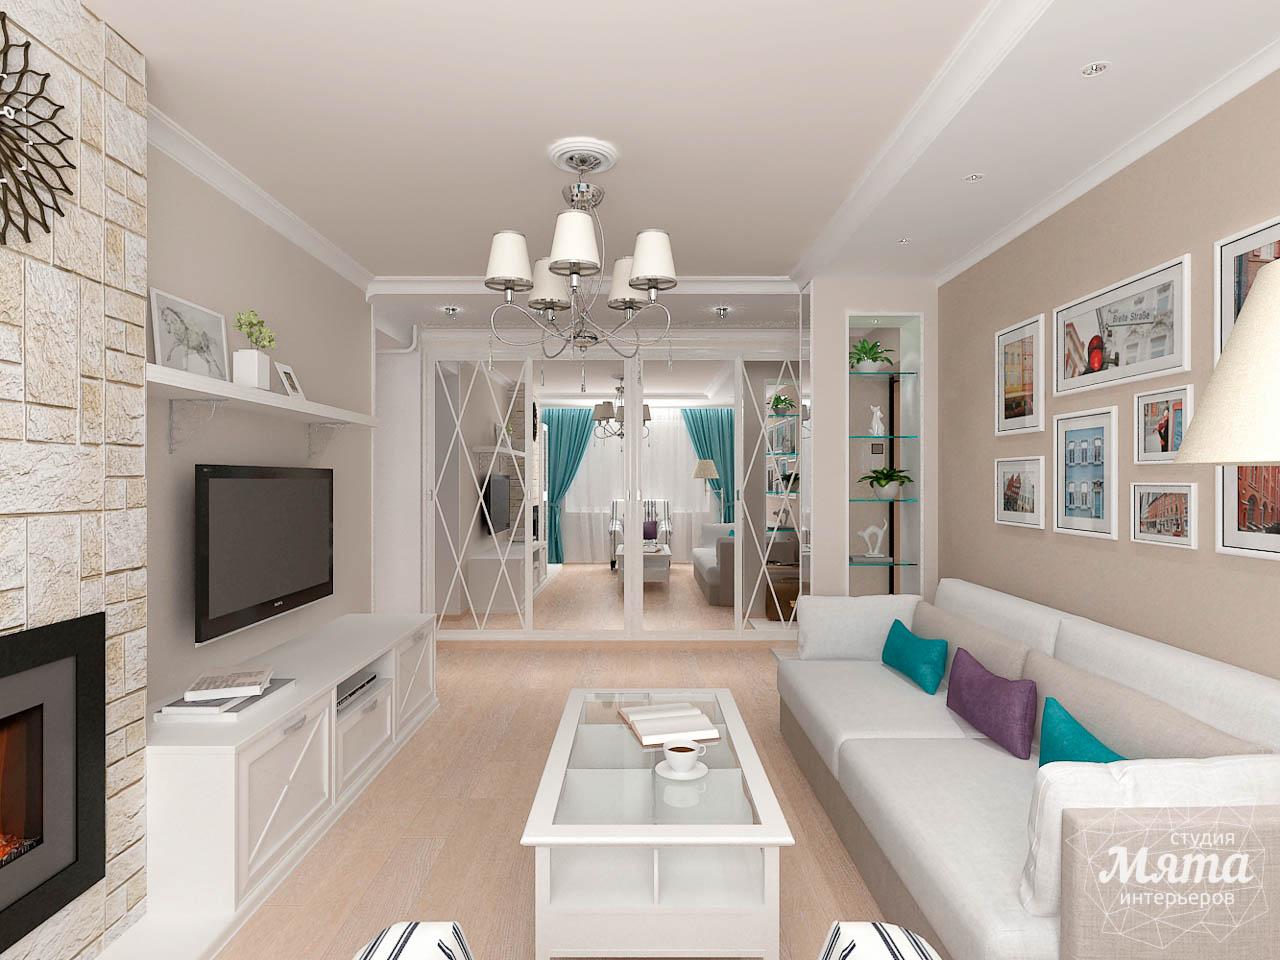 Дизайн интерьера двухкомнатной квартиры по ул. Шаумяна 93 img32291693